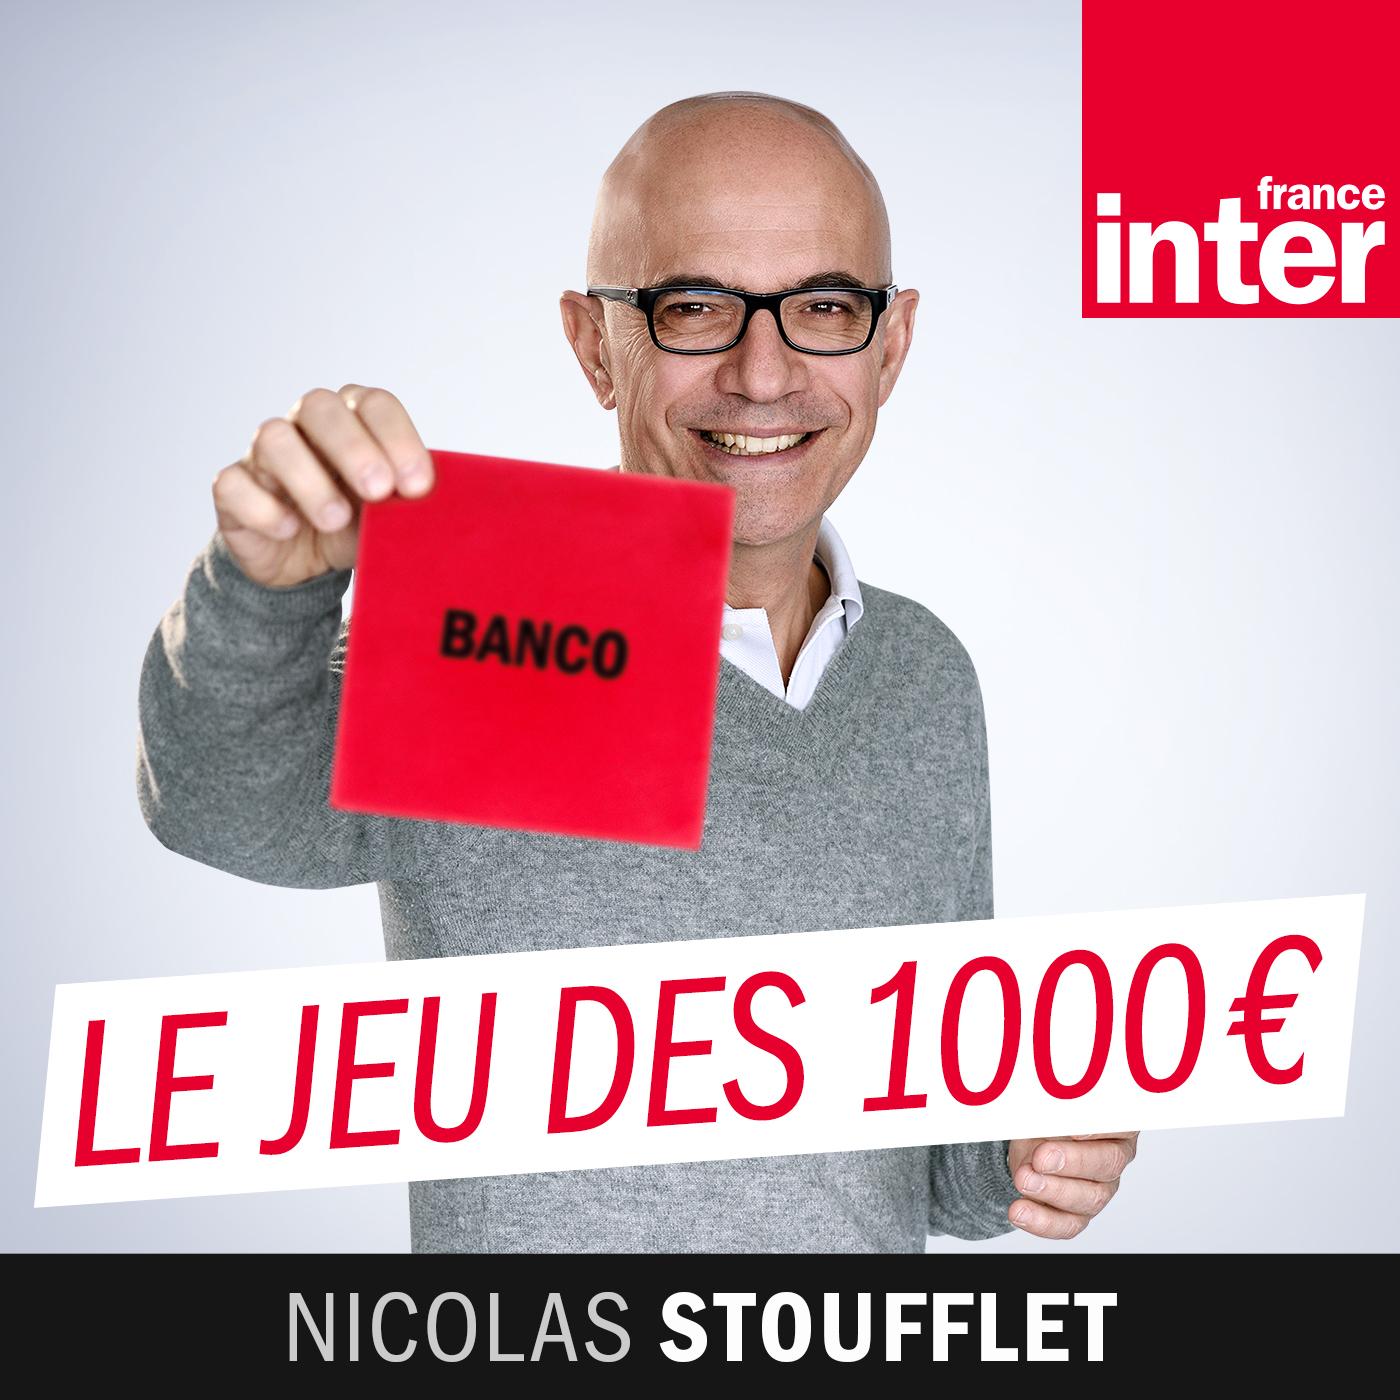 Le jeu des mille euros